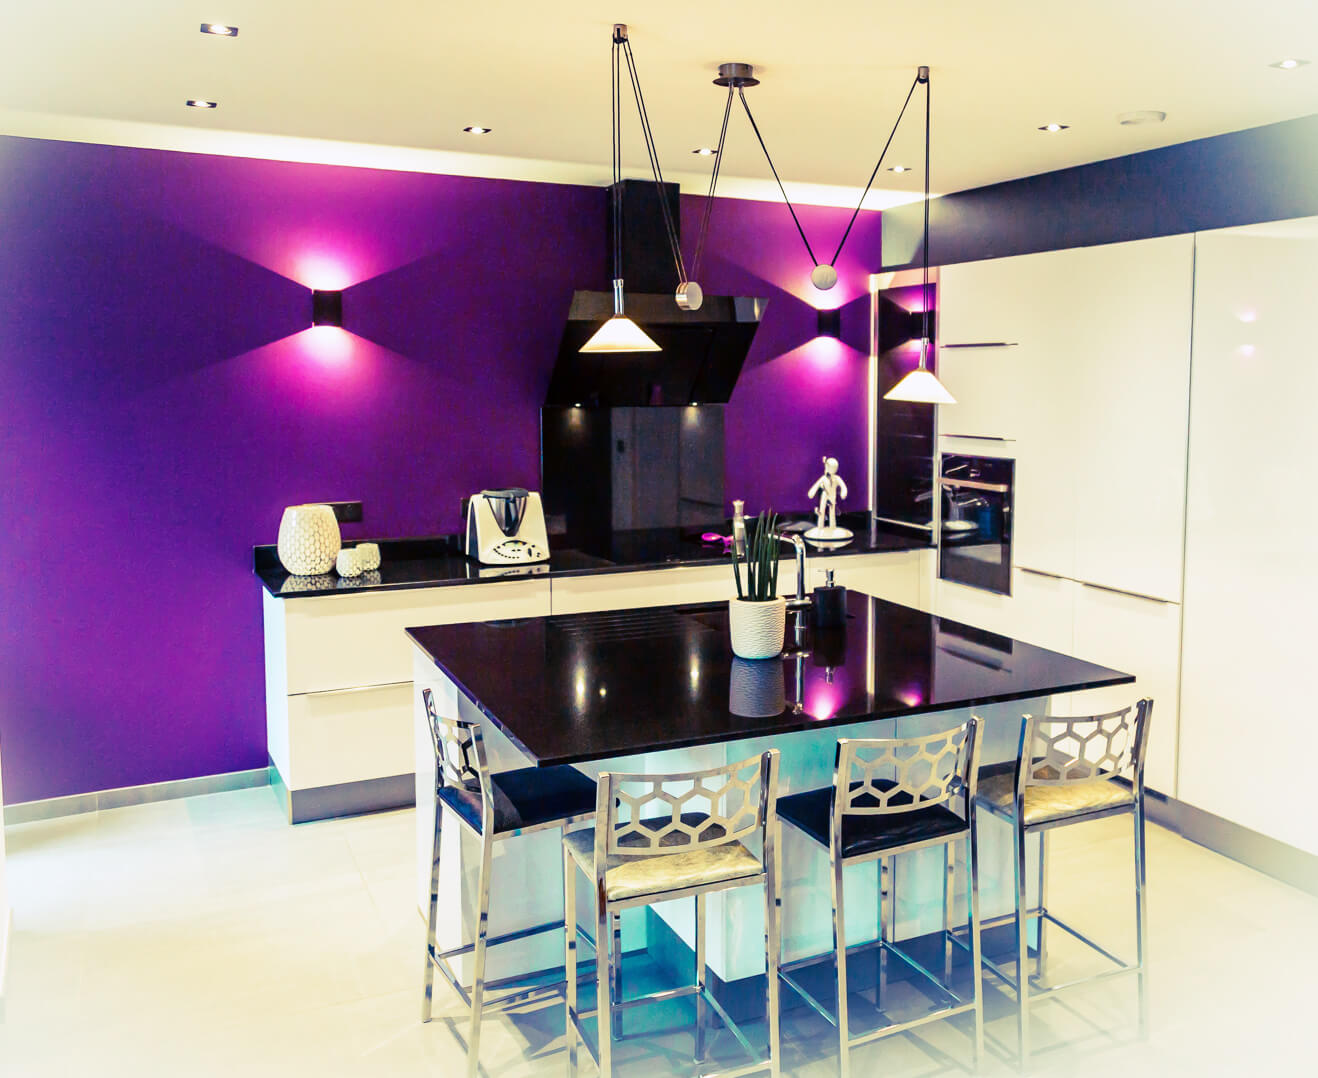 Cuisine Moderne Couleur Violet les couleurs vives réchauffent les cuisines | ai-cuisines thonon